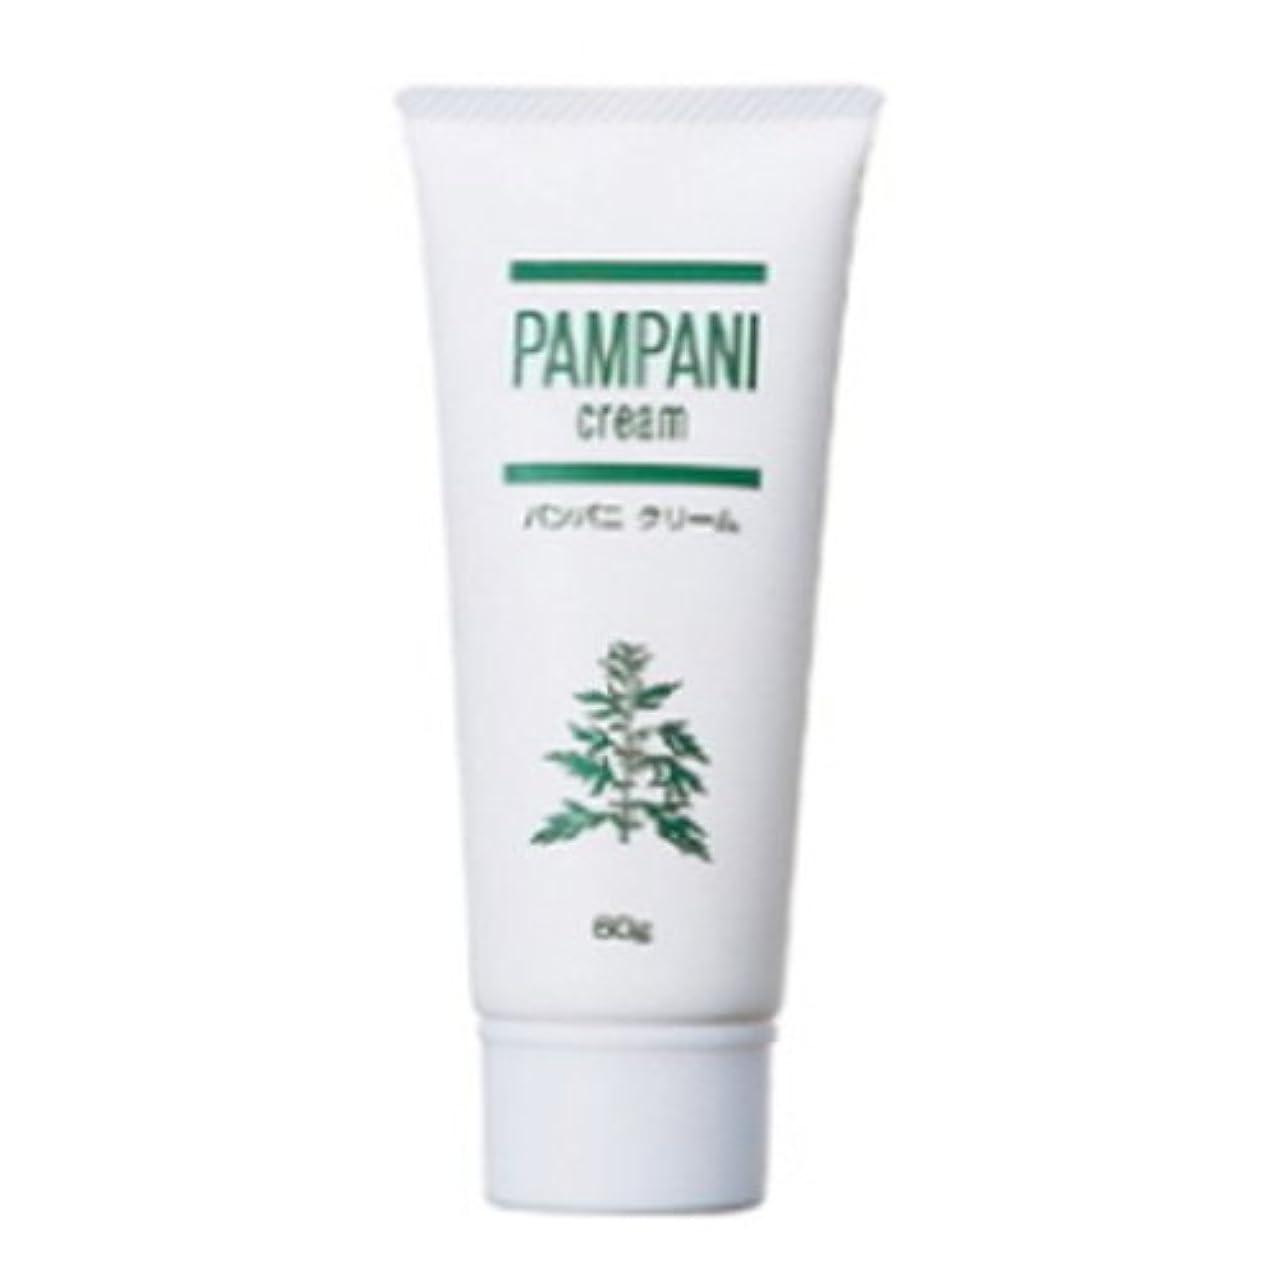 セラー風邪をひくパンパニ(PAMPANI) クリーム 60g